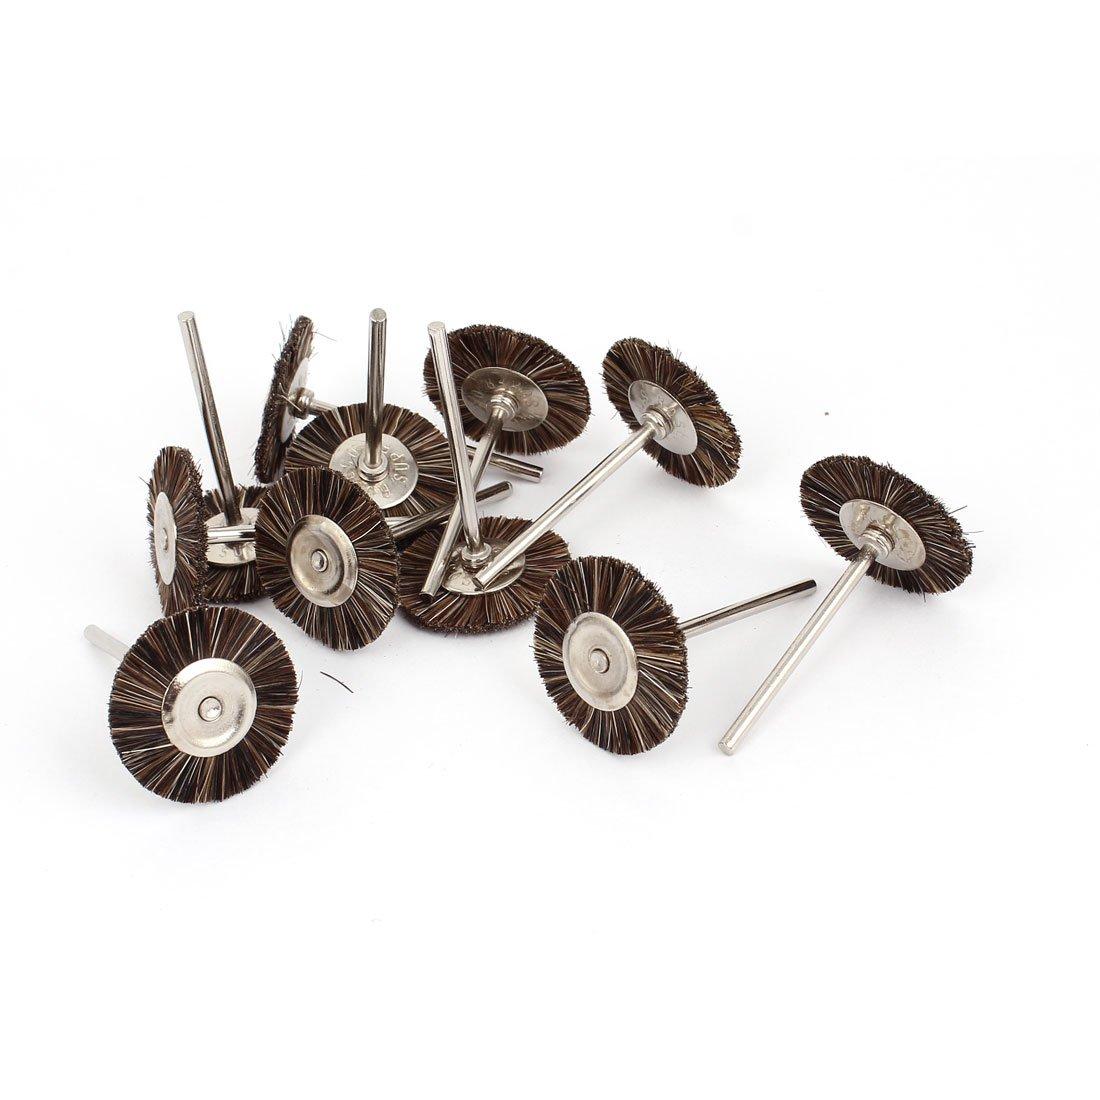 Estone 3 piezas de bolas de acero inoxidable l/ápiz capacitivo juego de herramientas plantilla para grabar de arcilla